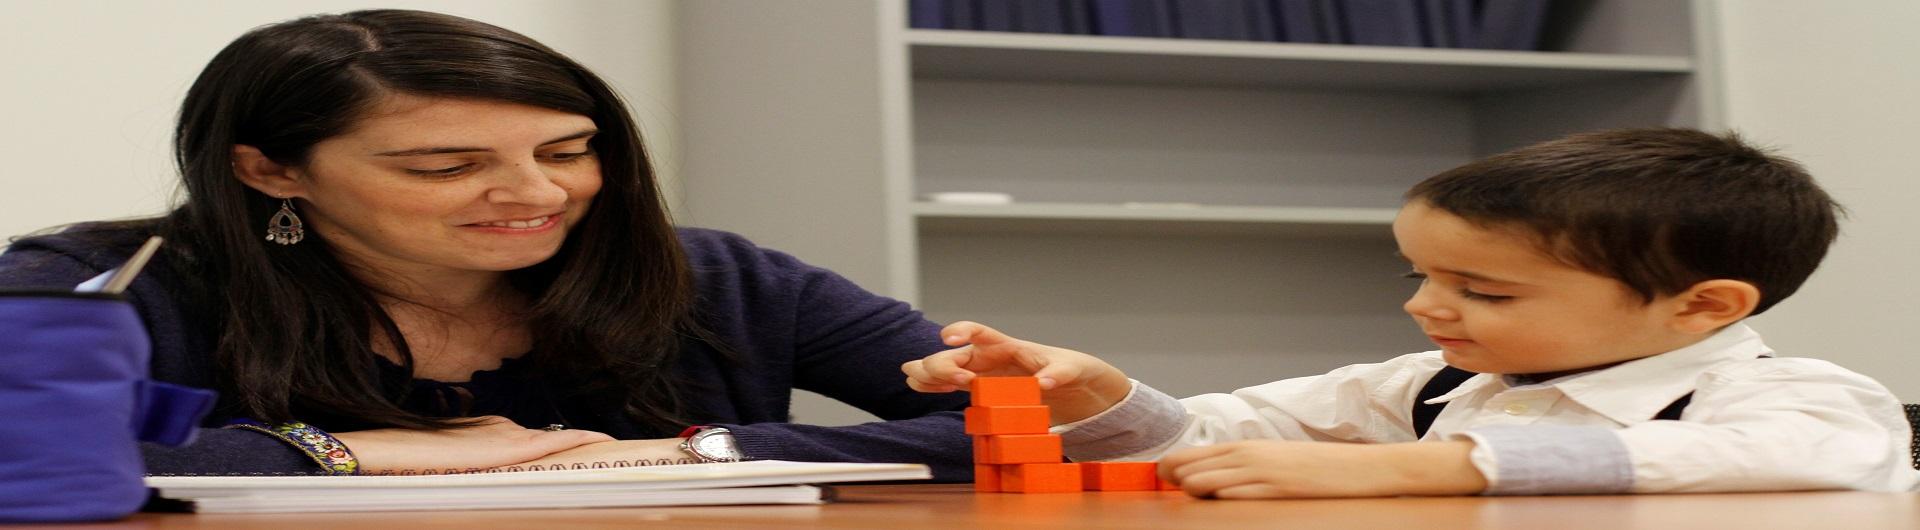 Diplomado en Bases de Neuropsicología Pediátrica Bajo la Perspectiva de Desarrollo